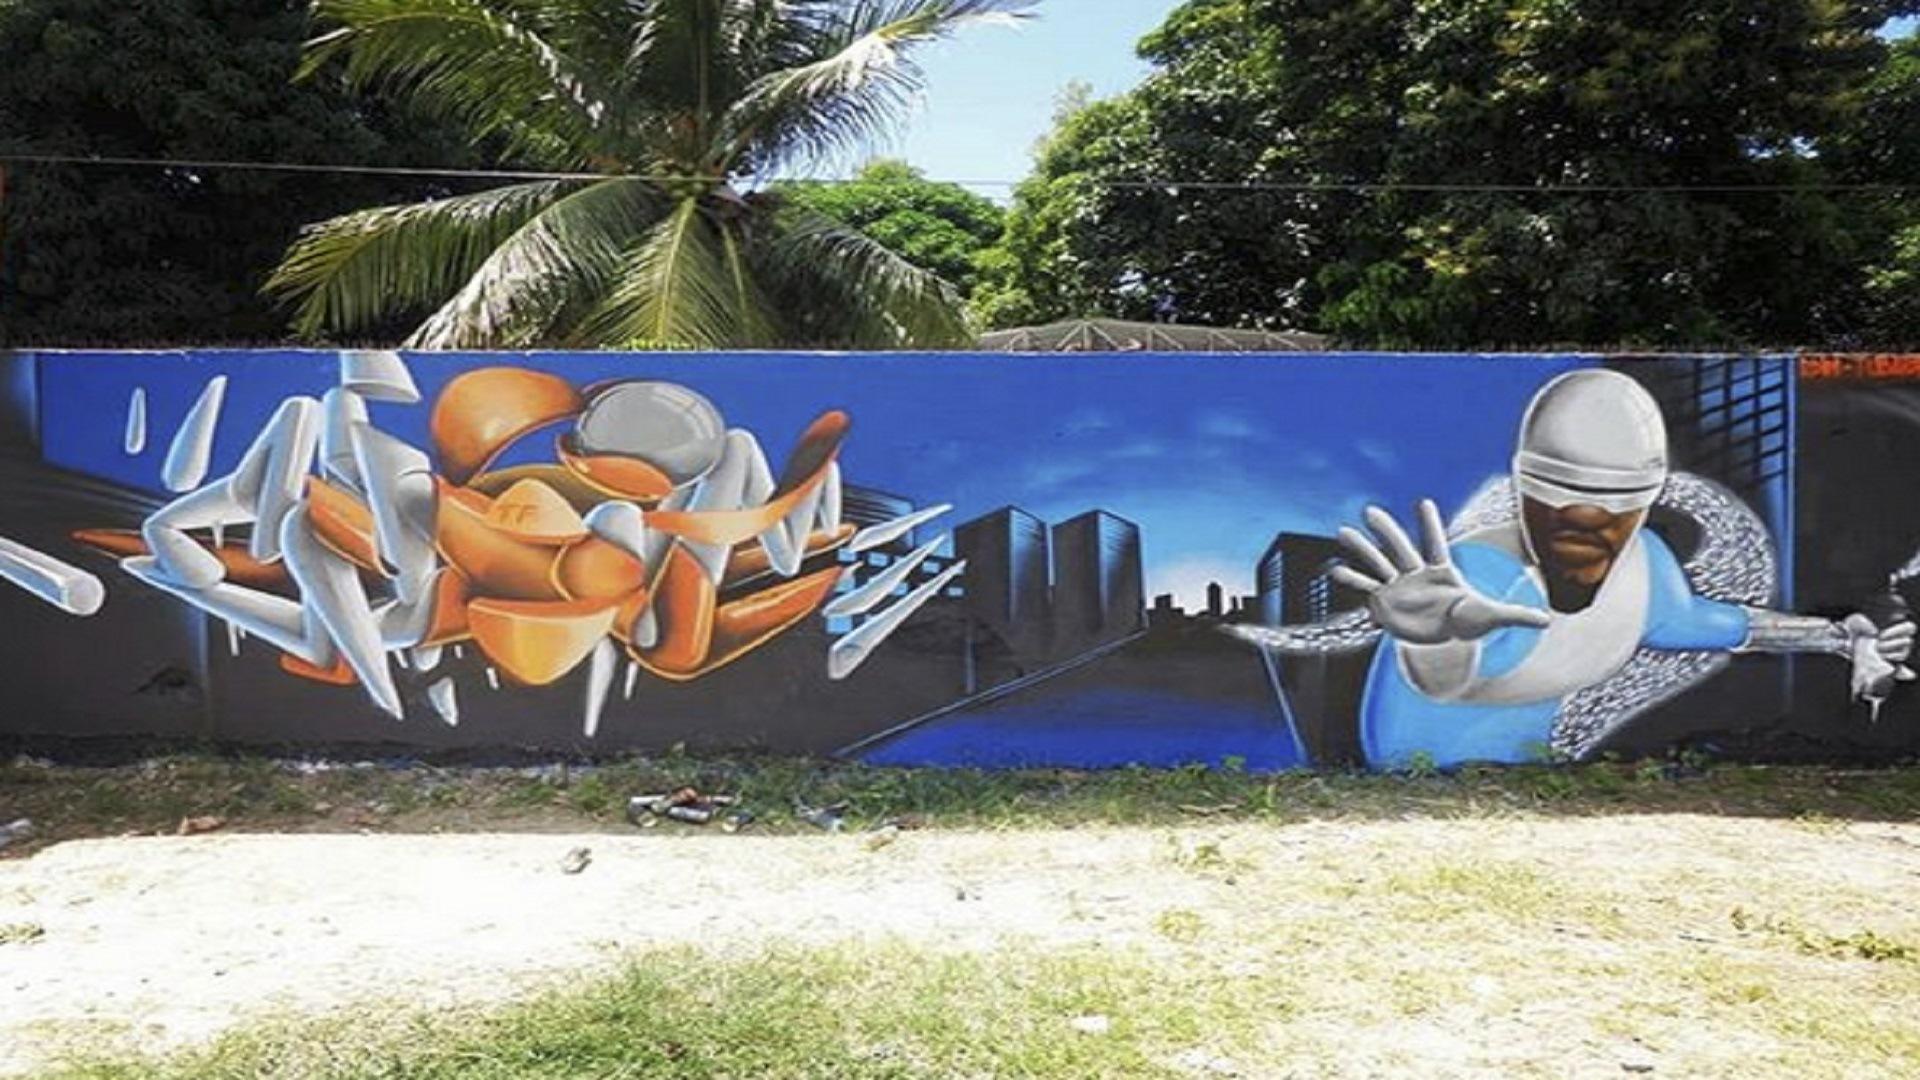 Projeto grafita super-heróis negros em muros de Fortaleza